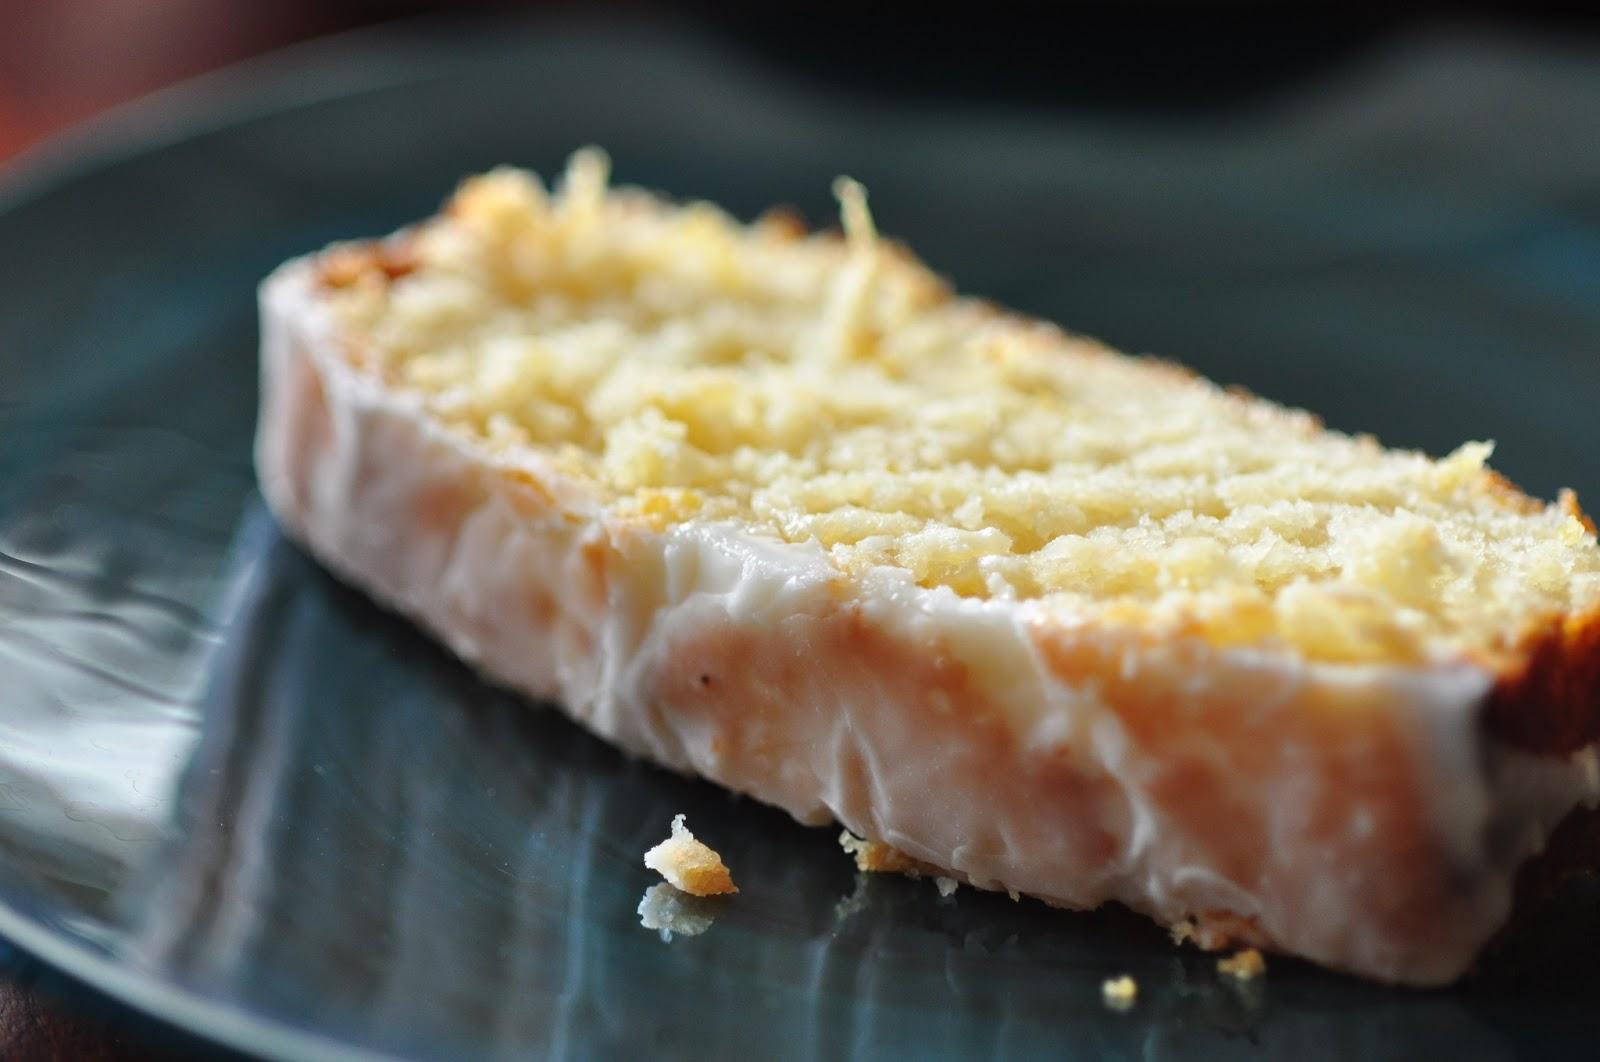 Loaf Cake Recipes Lemon: Moist And Tart Lemon Loaf: A Starbucks Lemon Pound Cake